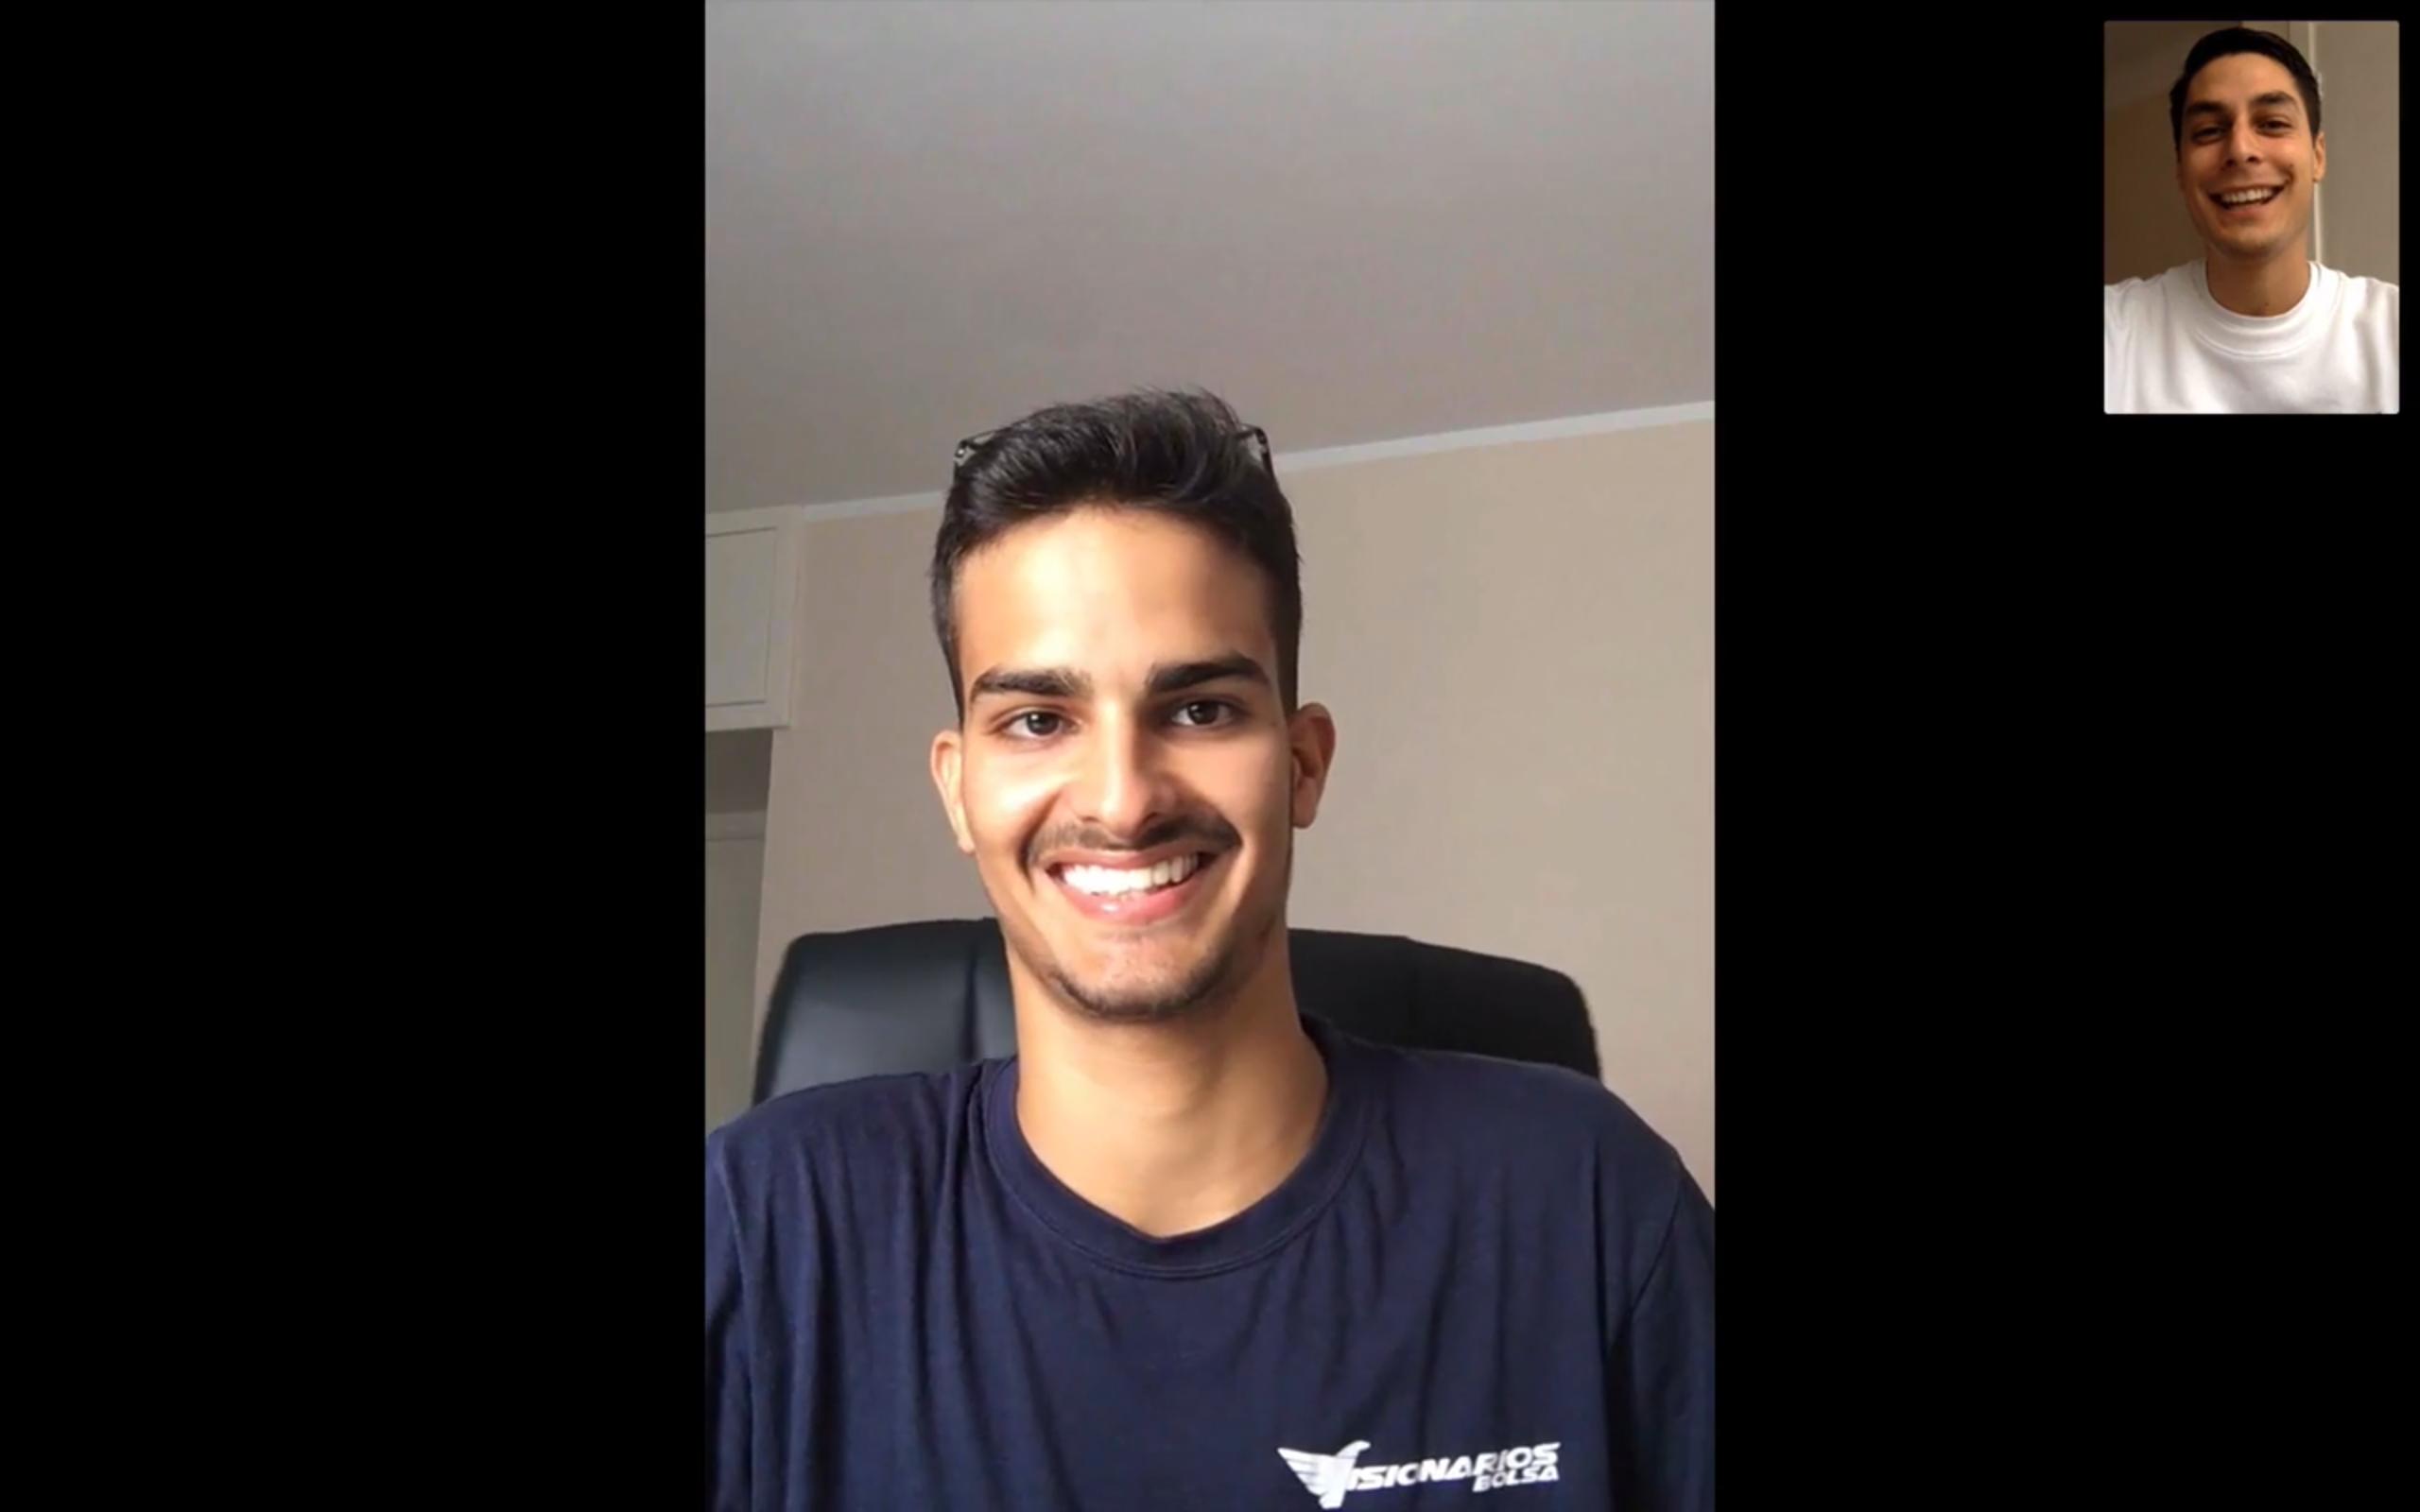 Chaval De 19 Años Ganando Dinero En Bolsa!! 😱📈😎